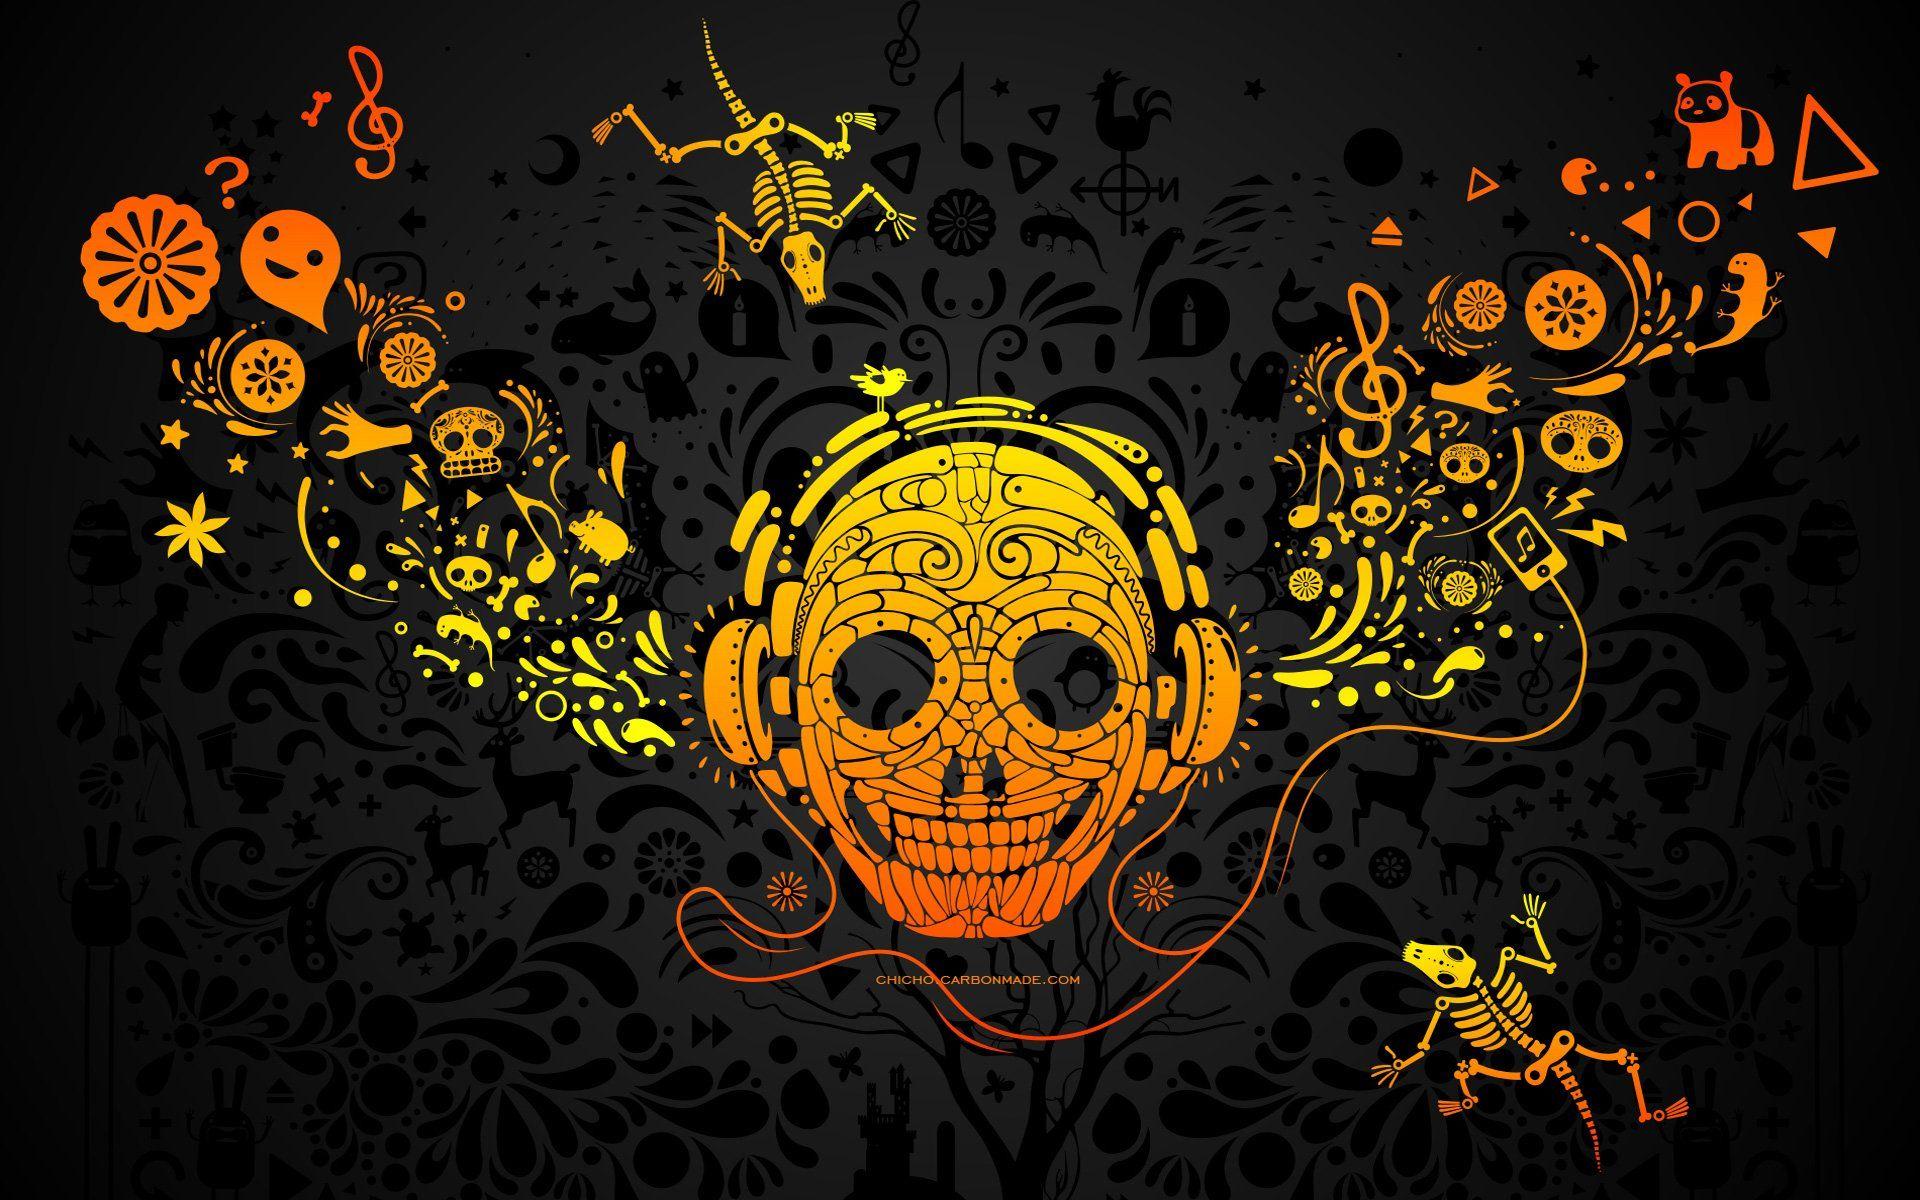 Day Of The Dead Skull Wallpaper Walldevil Best Free Hd Desktop